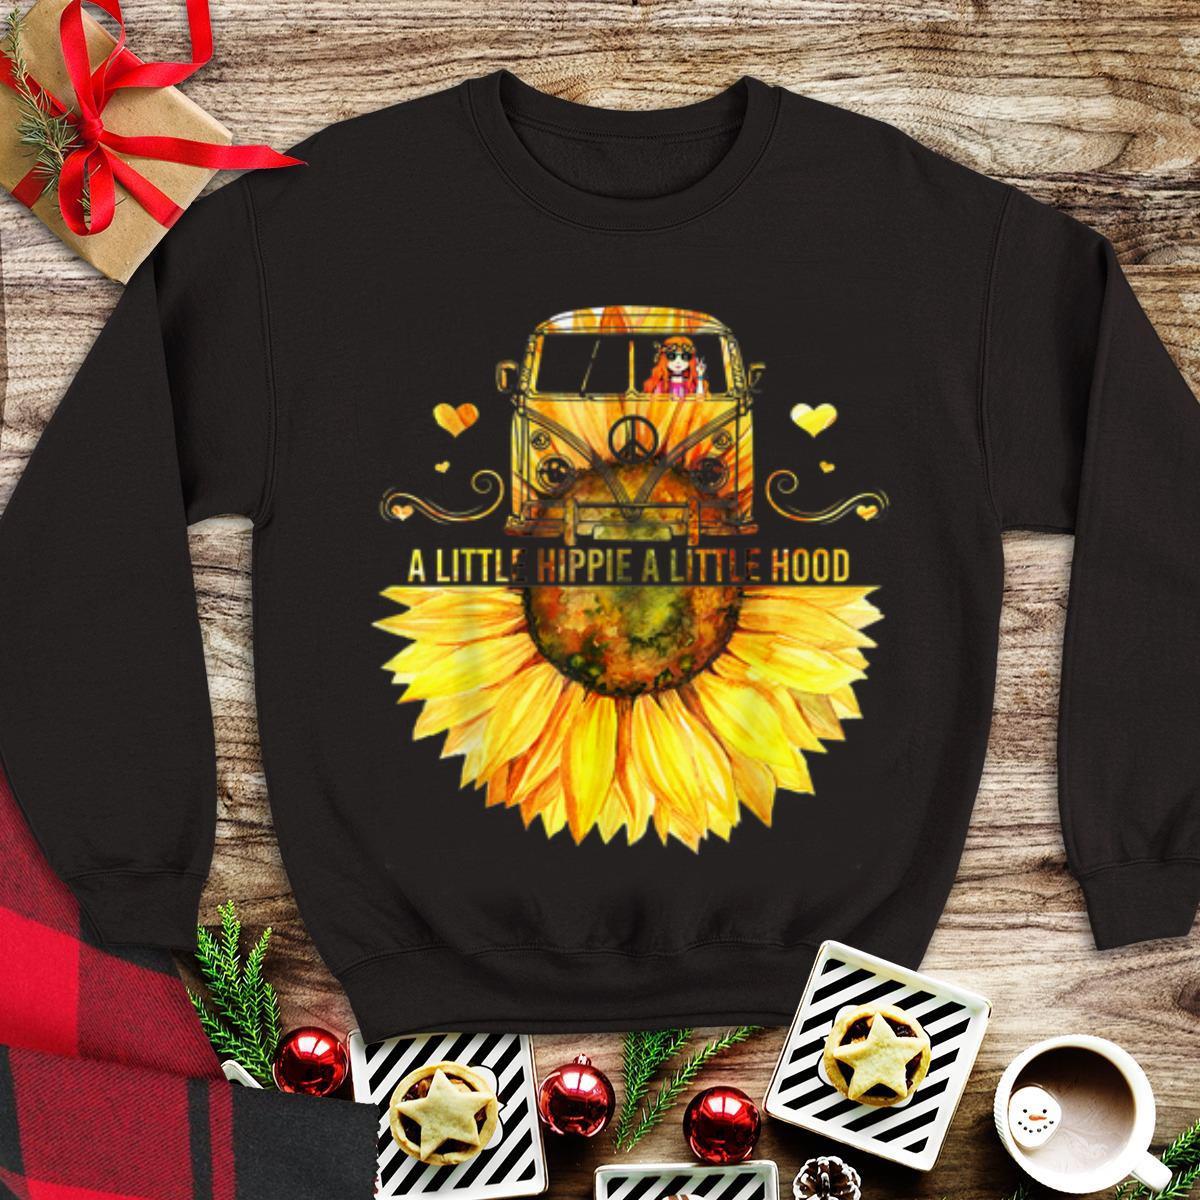 Awesome Sunflower Peace Bus A Little Hippie A Little Hood Shirt 1 1.jpg